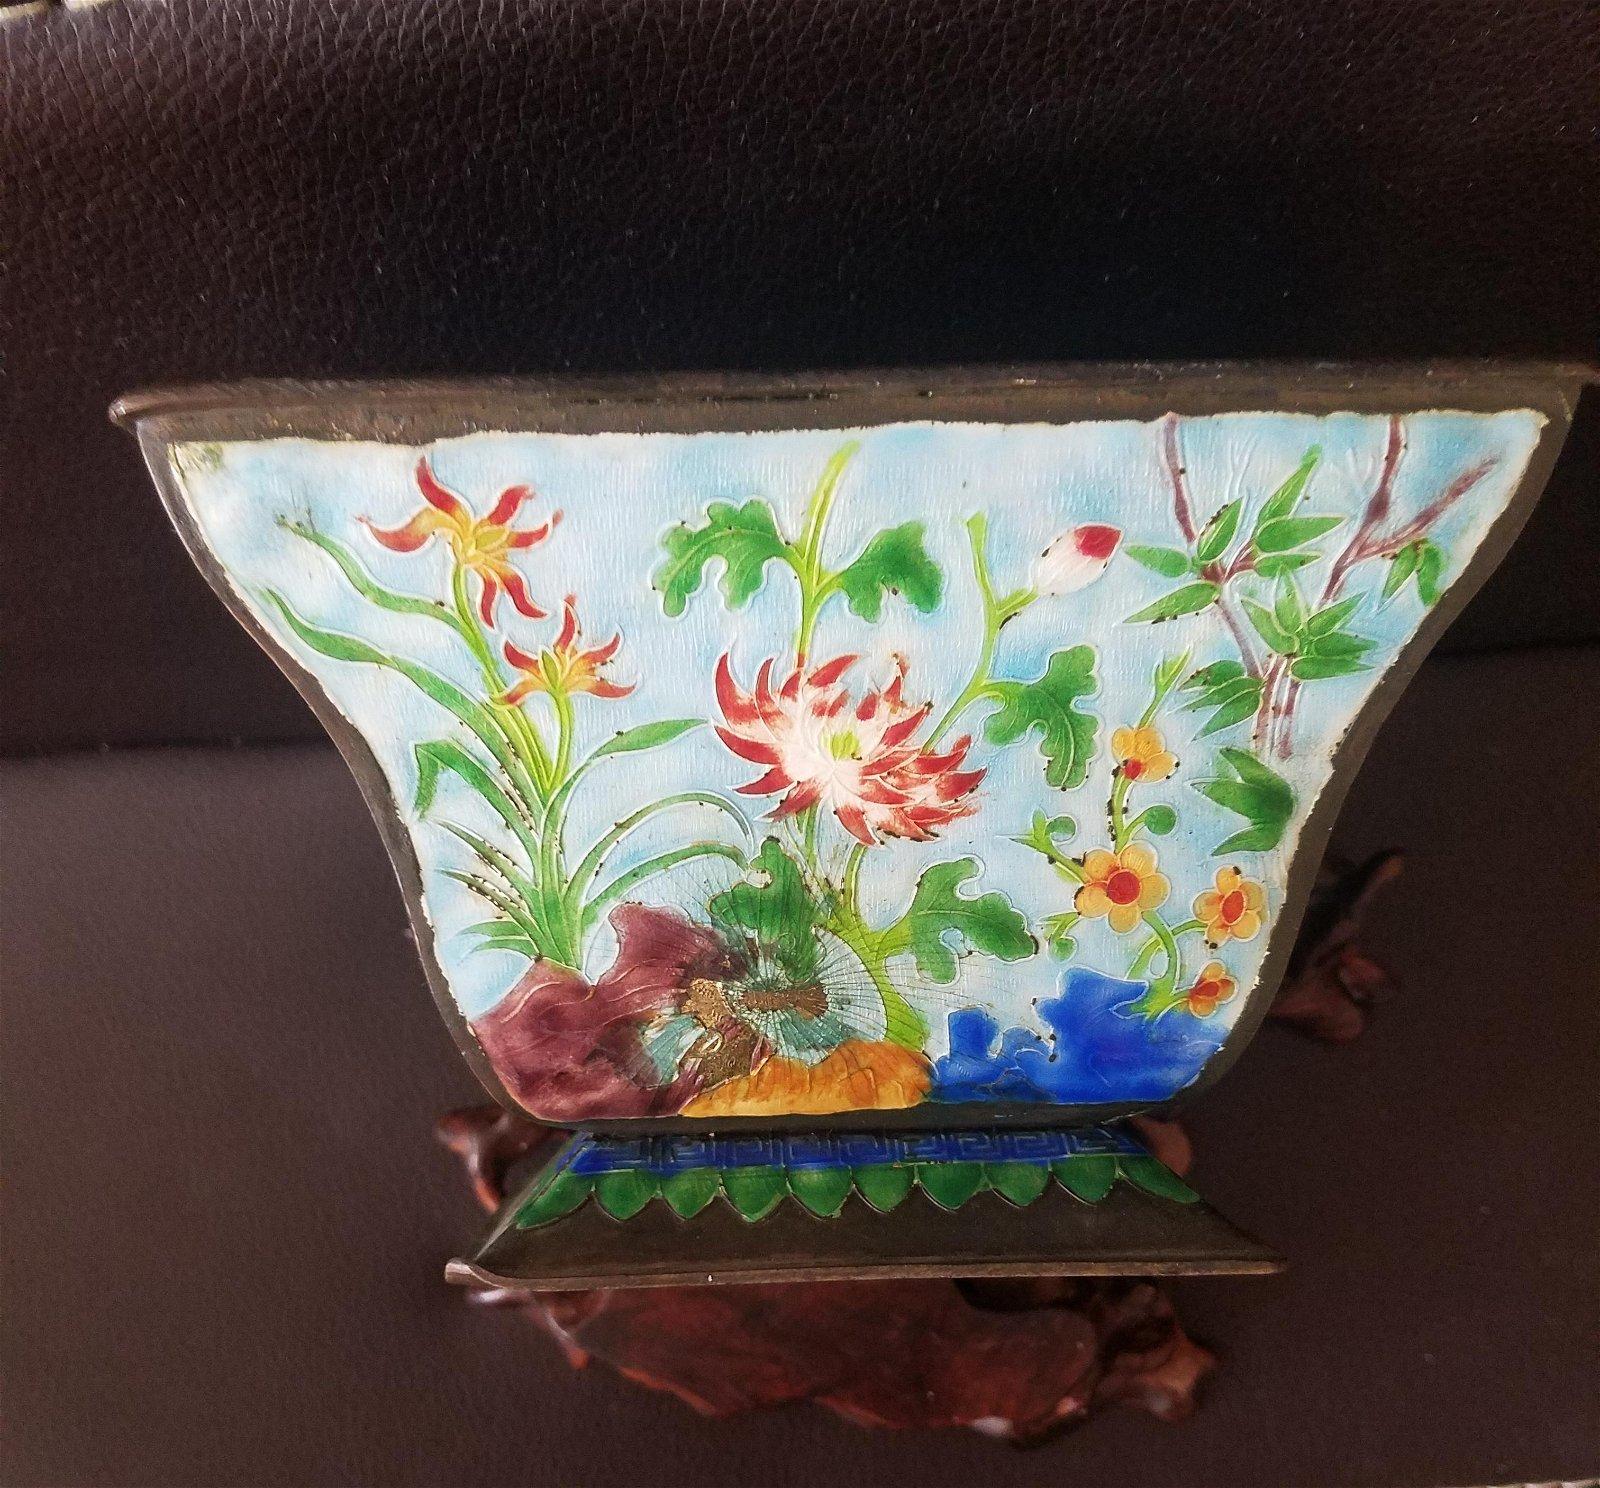 A Cloisonne Square Bowl